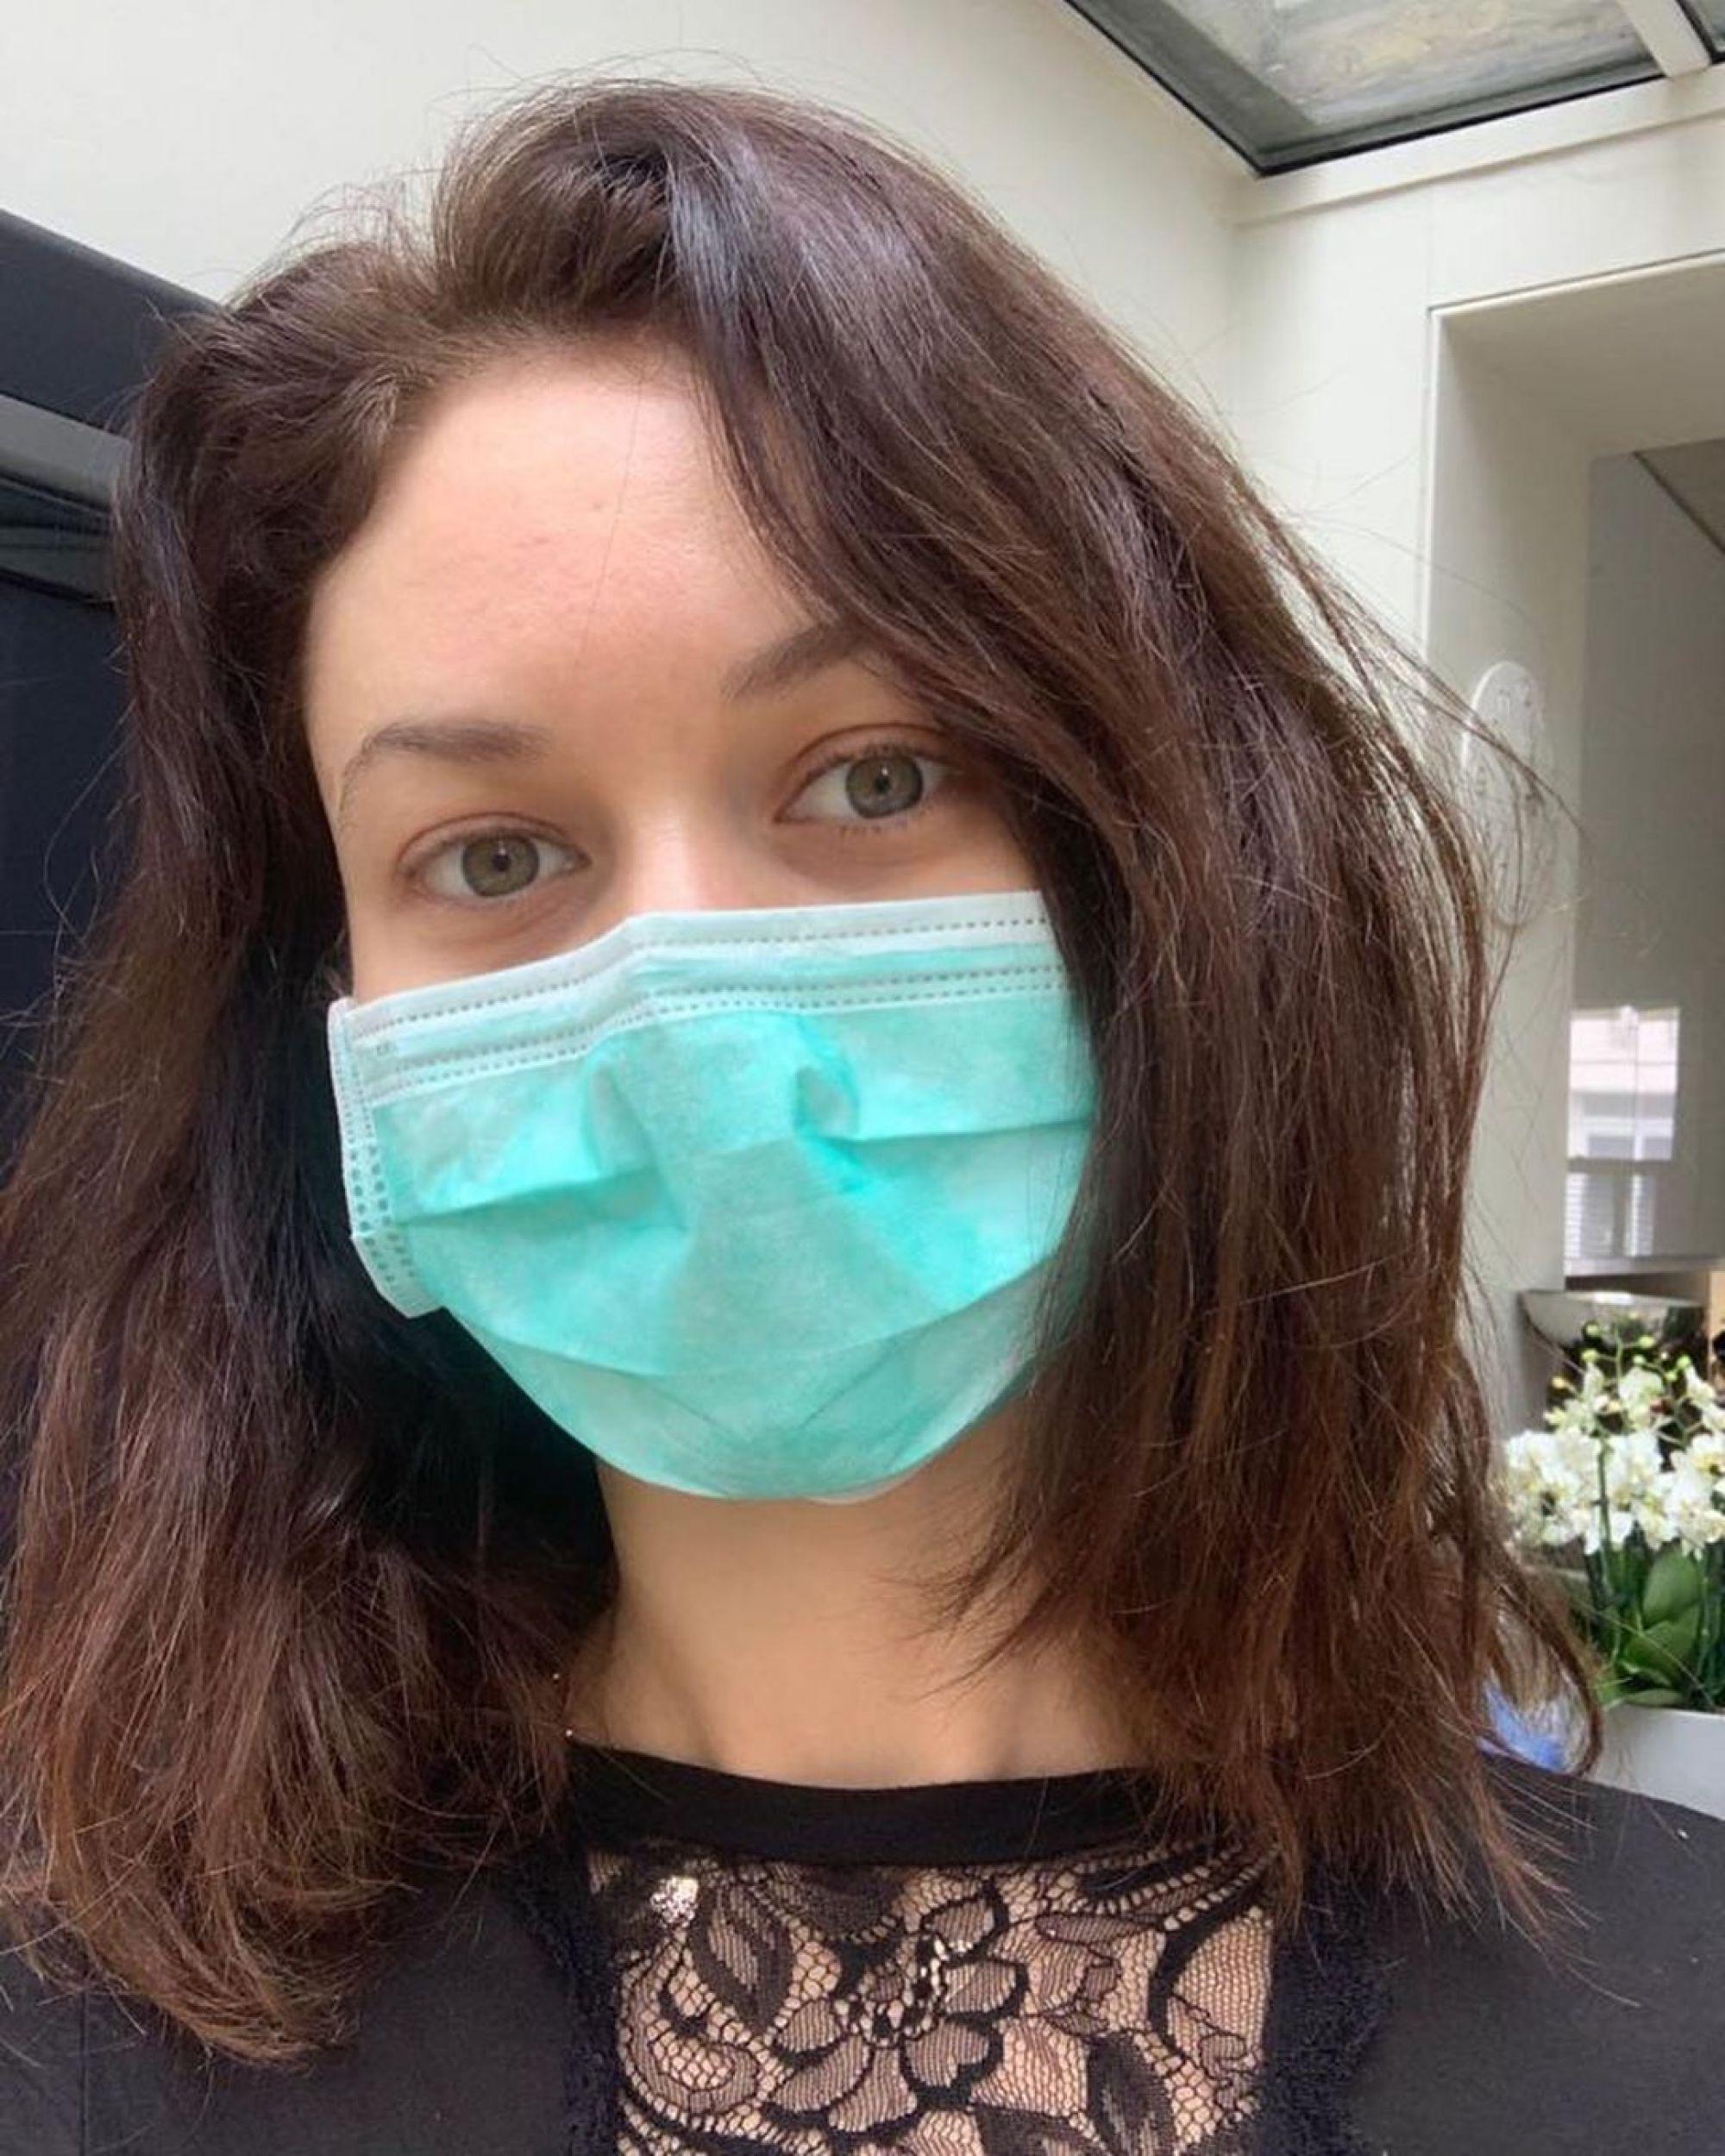 Ольга Куриленко рассказала, как могла заразиться коронавирусом